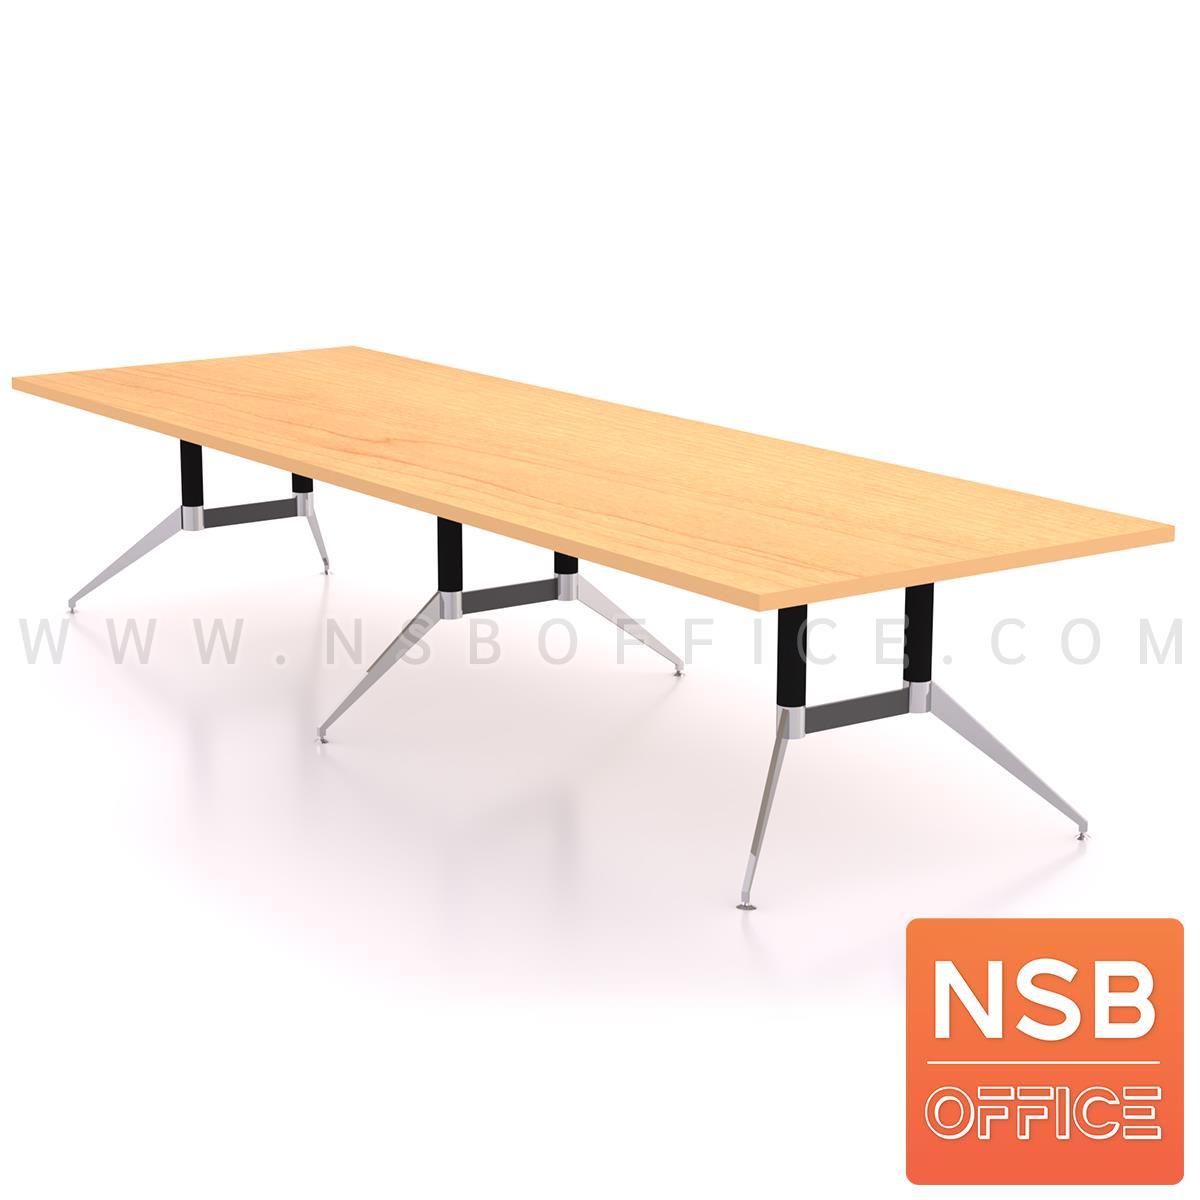 A25A009:โต๊ะประชุมทรงสี่เหลี่ยม  รุ่น Finch (ฟินช์) ขนาด 360W ,480W cm.  ขาเหล็กปลายแฉกทรงคางหมู